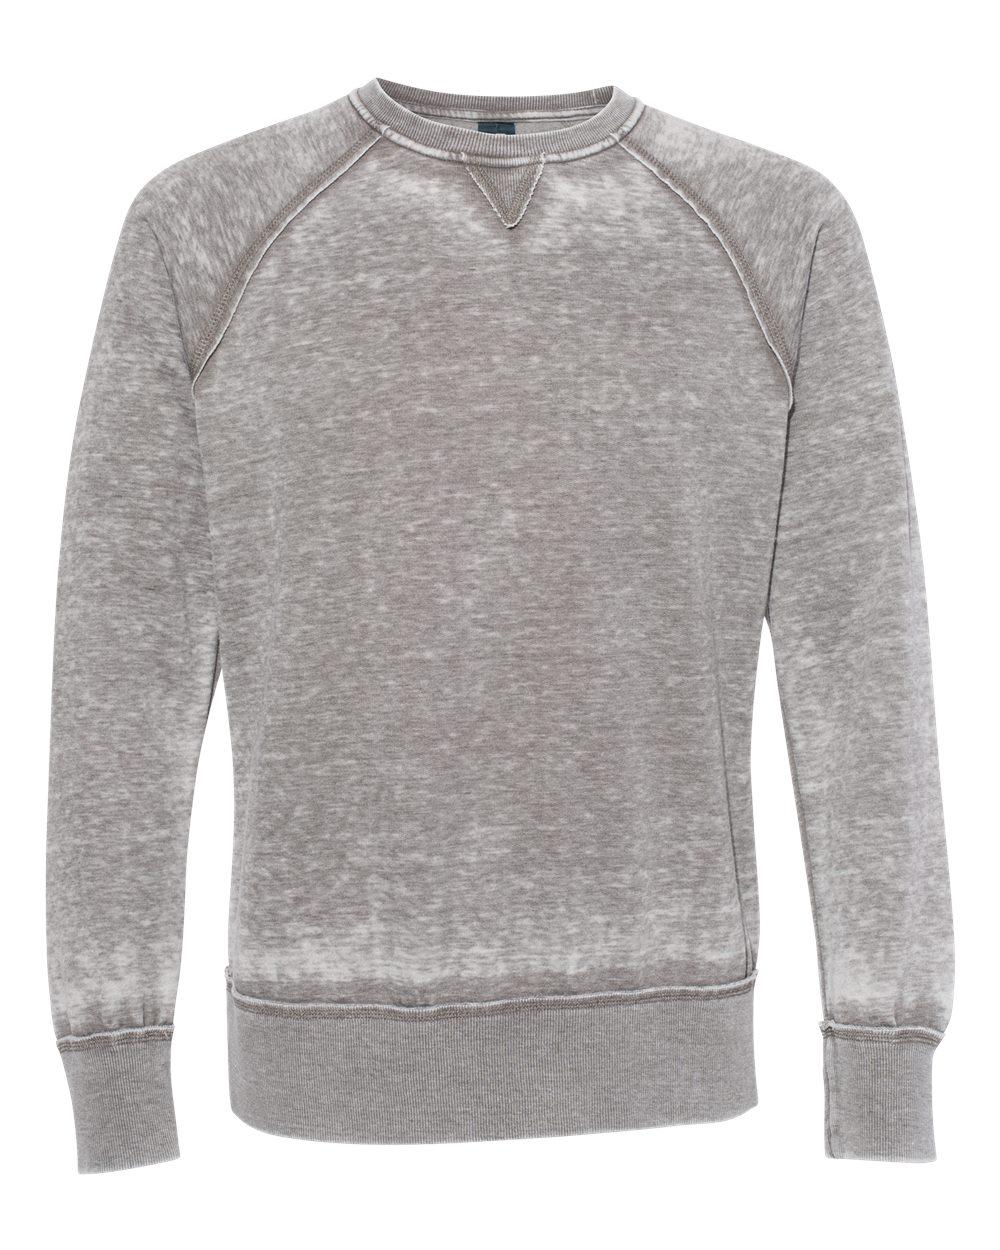 J. America - 8920 - Vintage Zen Fleece Crewneck Sweatshirt